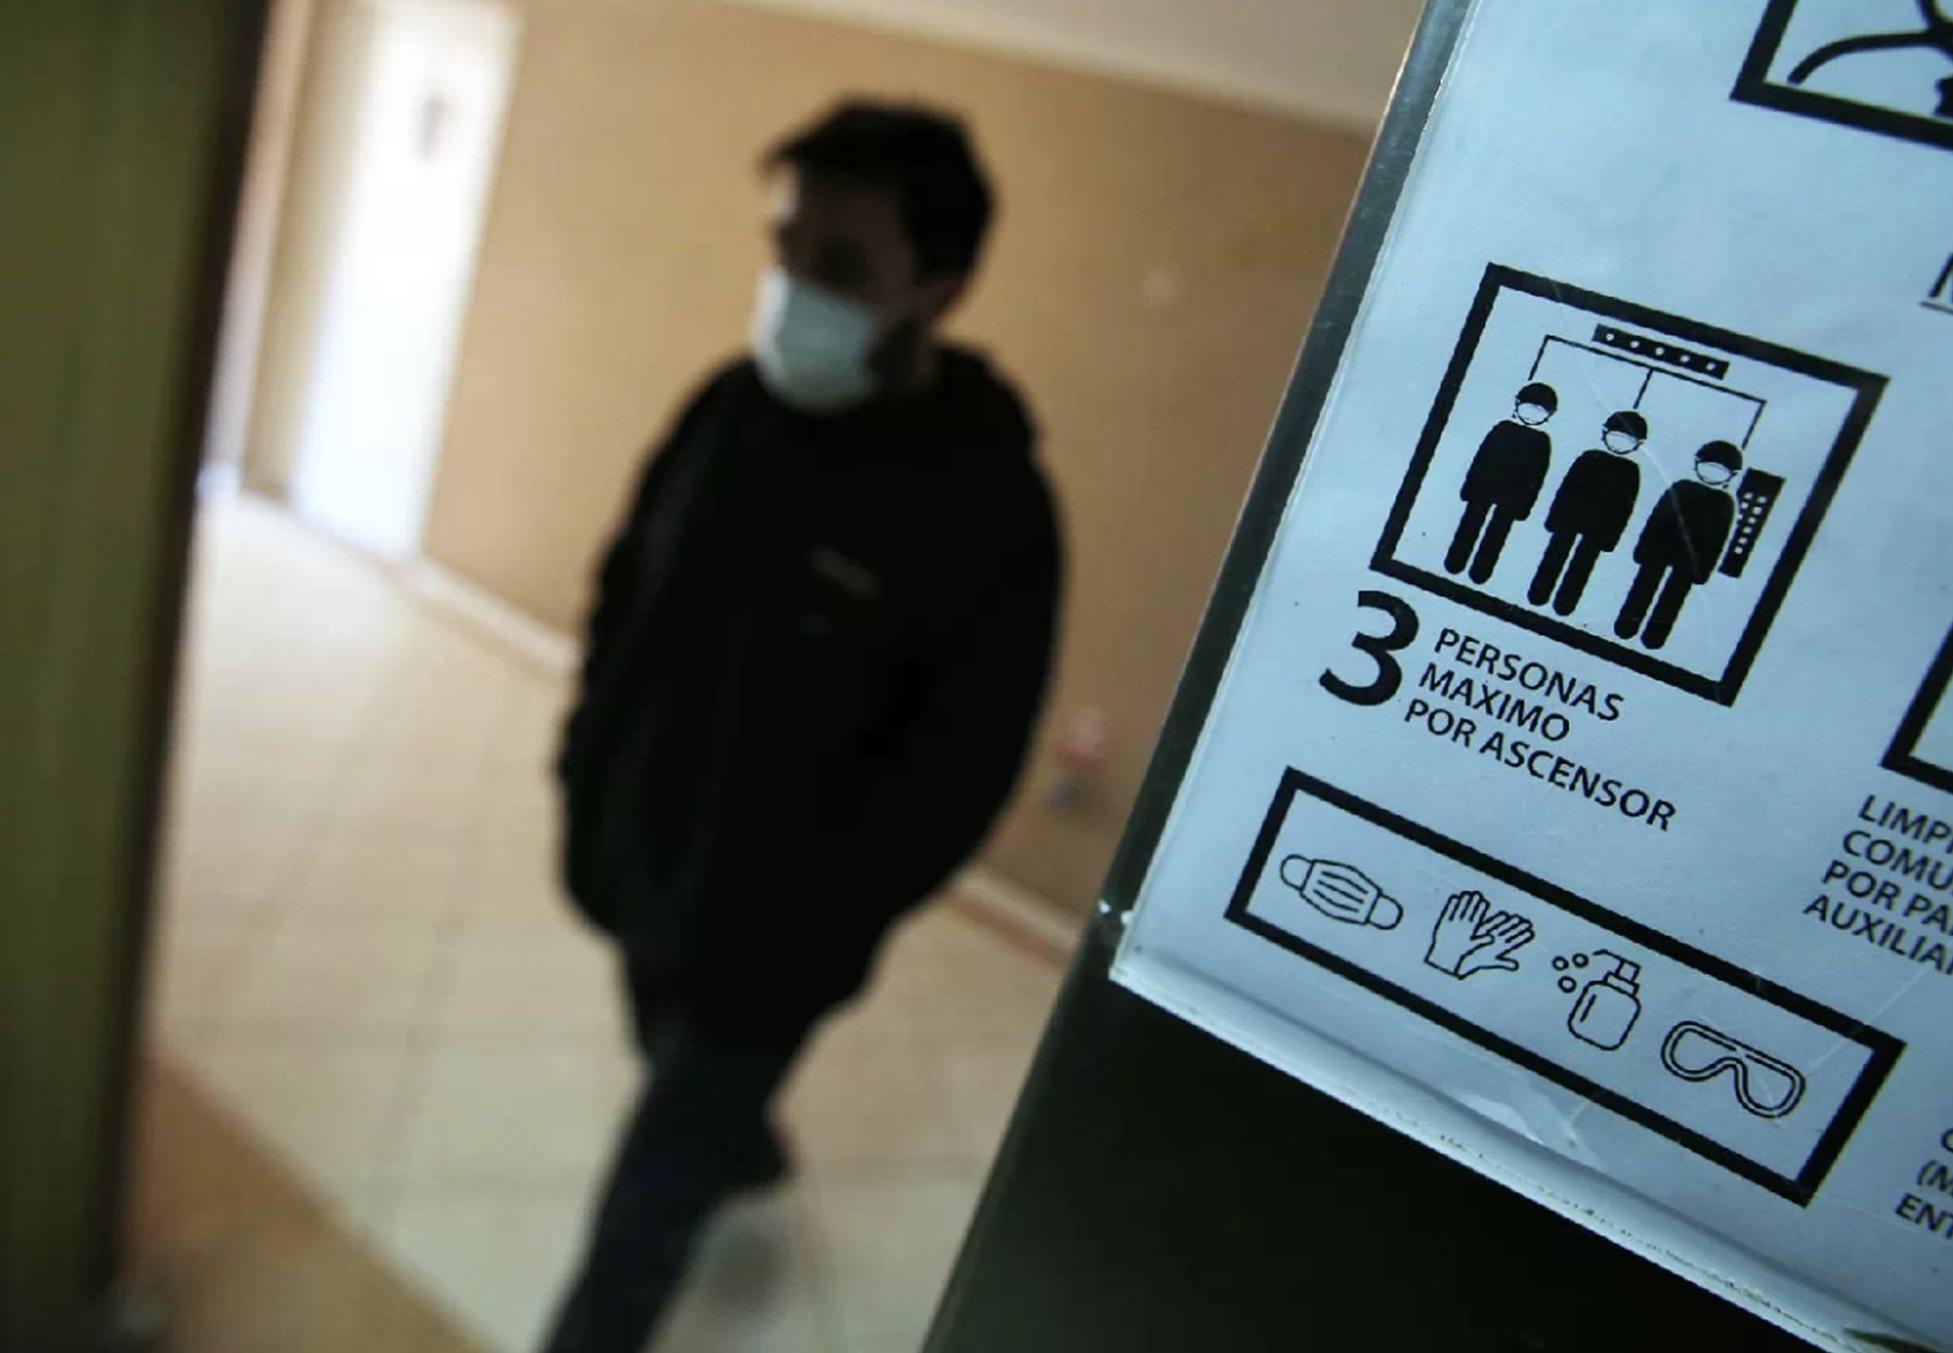 LUN: ¿Sabes con cuántas personas compartes ascensor en tu edificio?